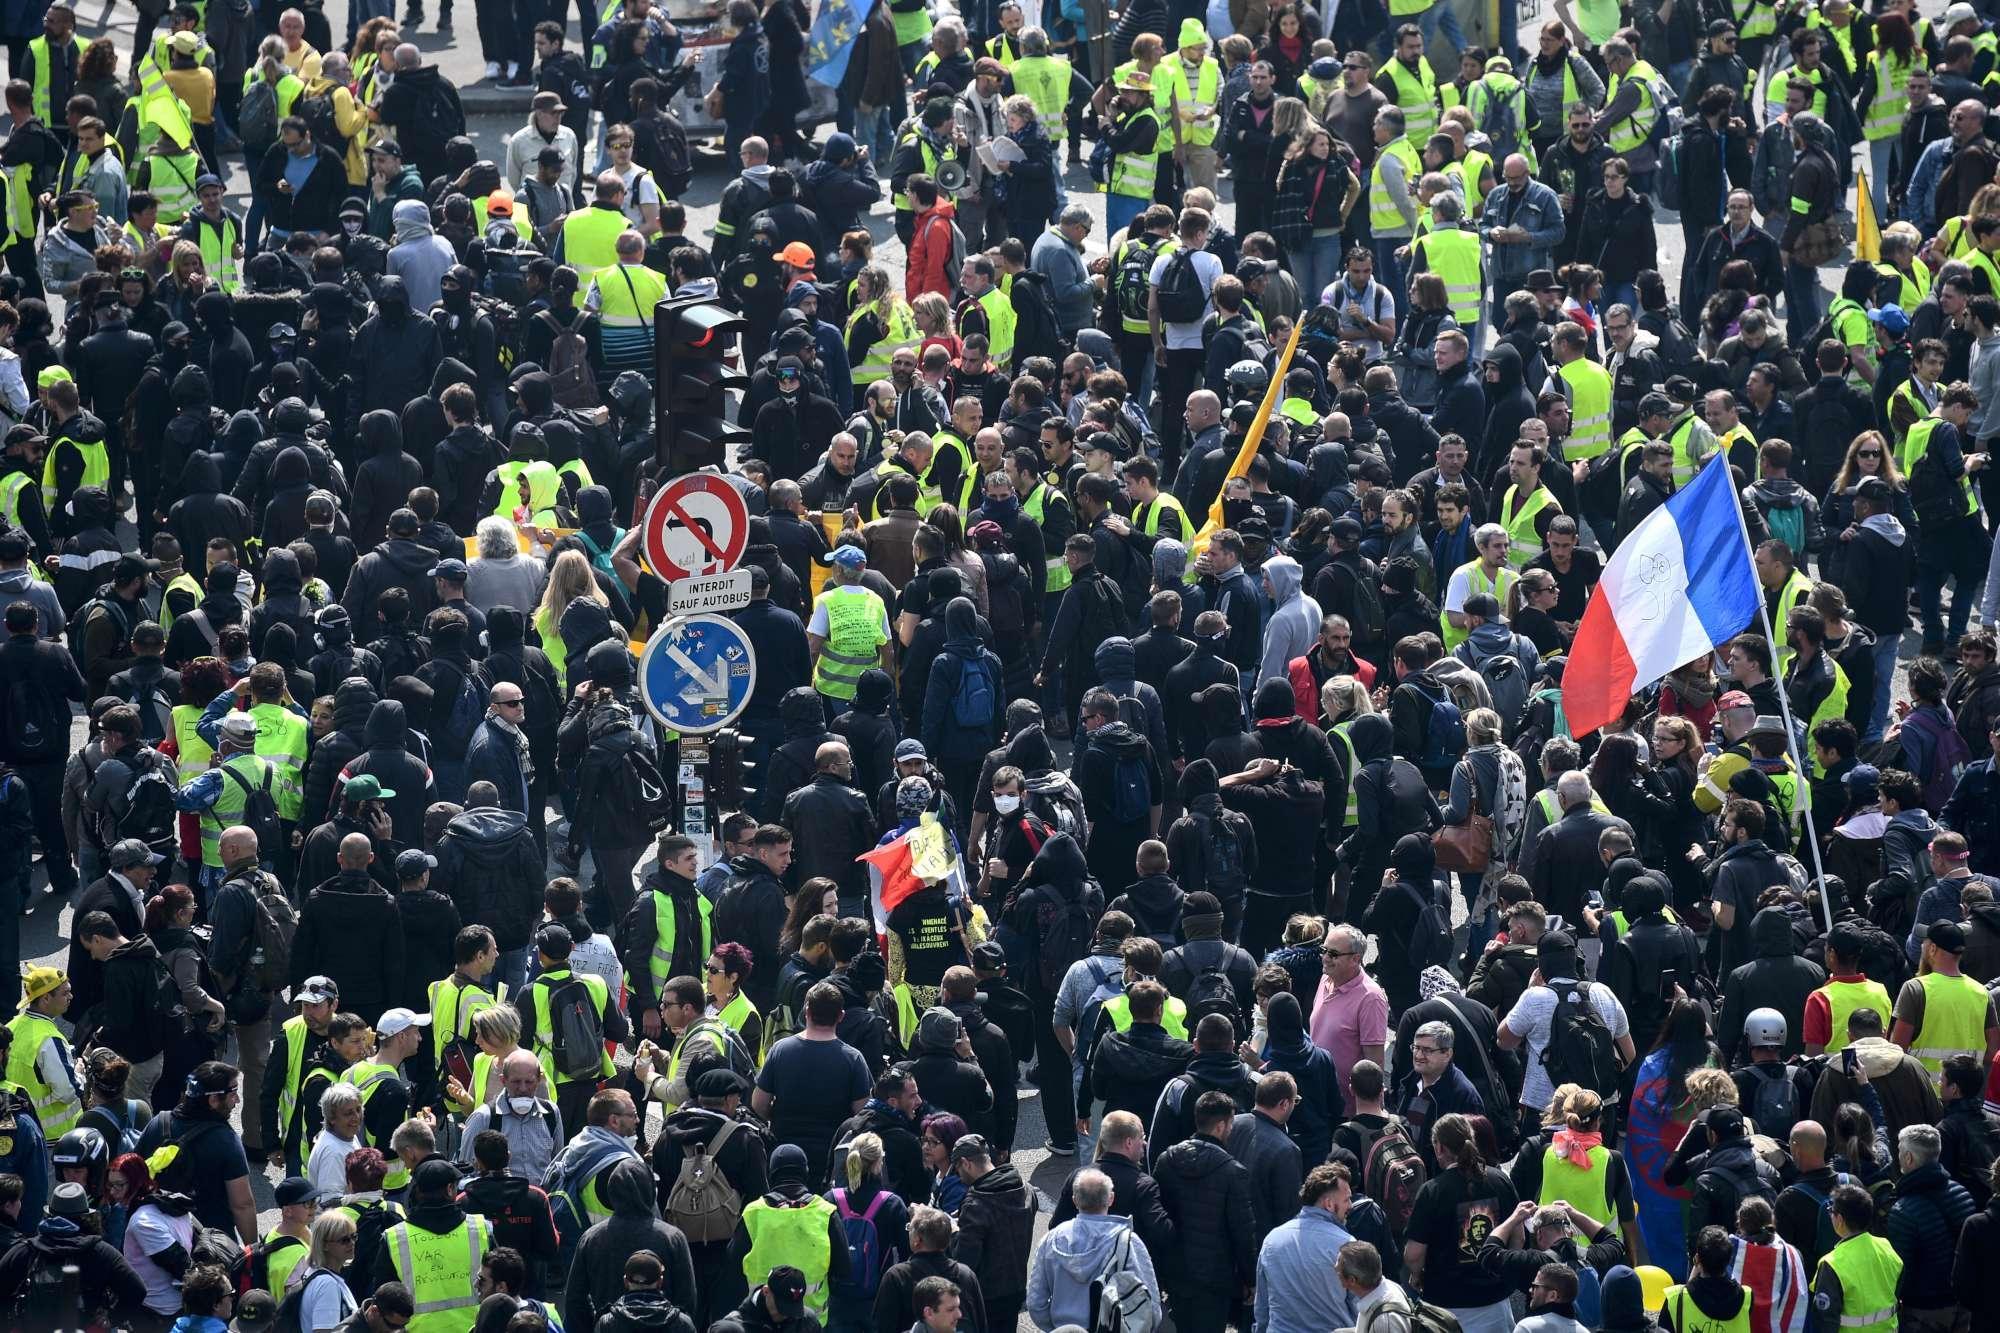 Parigi, Primo Maggio di scontri tra polizia e black bloc